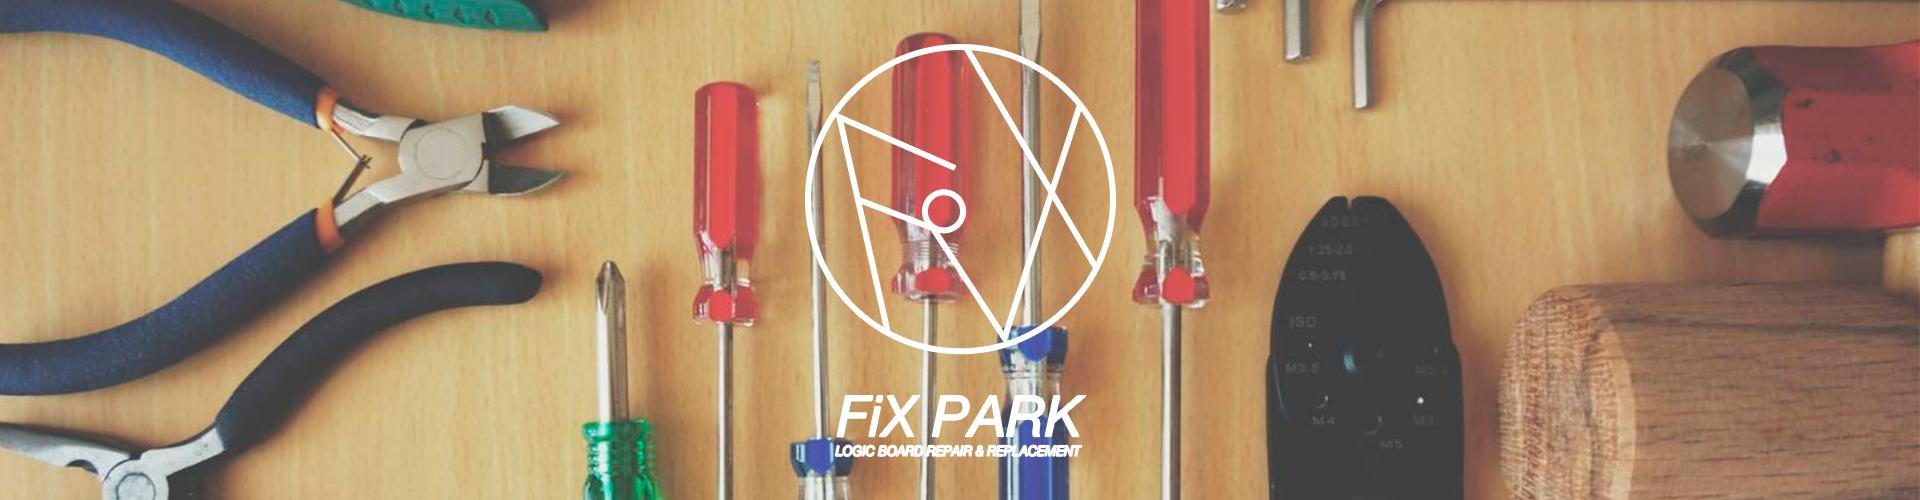 FiX PARKのサイトトップ画像